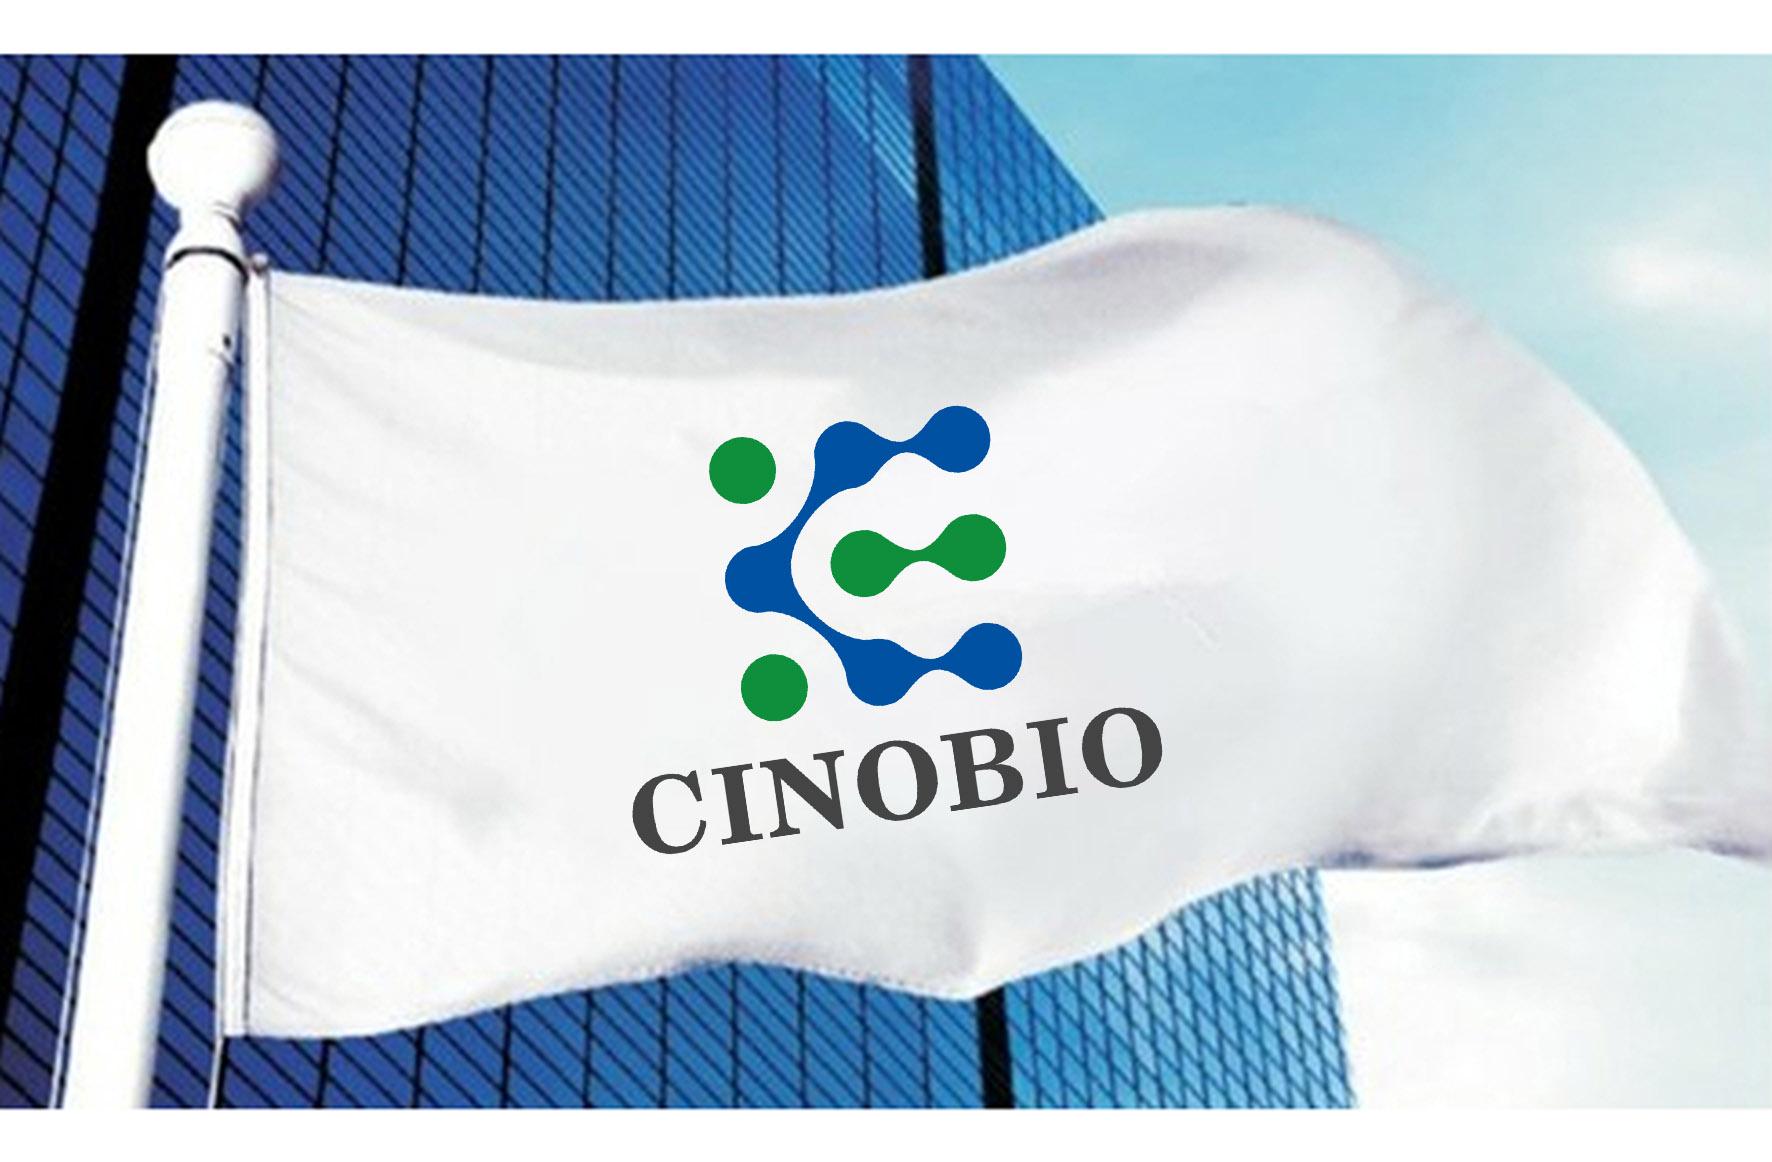 微生物科技公司logo设计_3019982_k68威客网